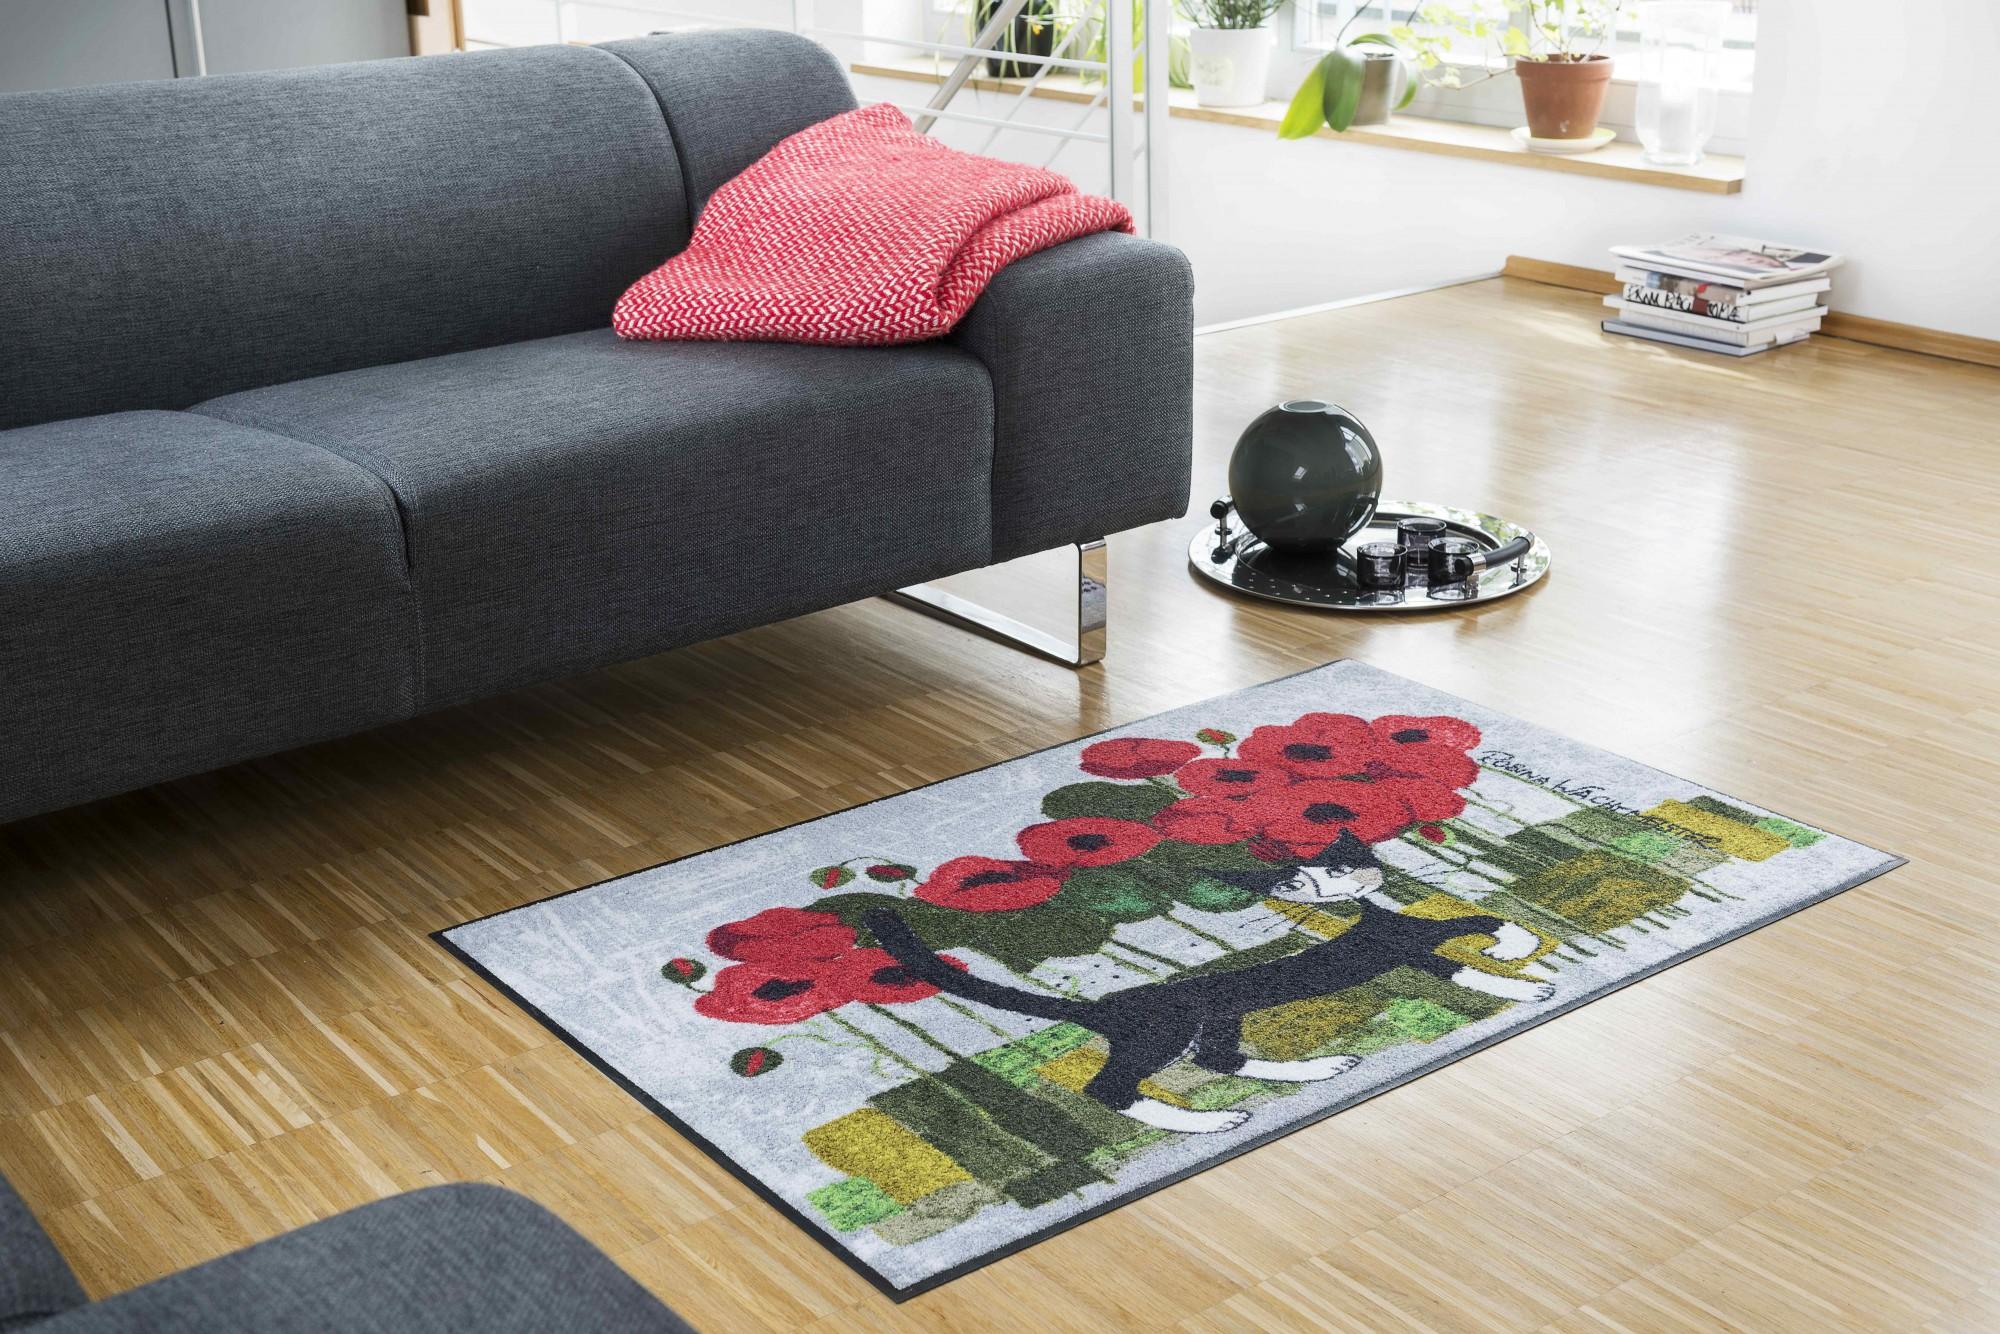 rosina wachtmeister fu matte poppywalk von salonloewe waschbare katzenfu matte. Black Bedroom Furniture Sets. Home Design Ideas